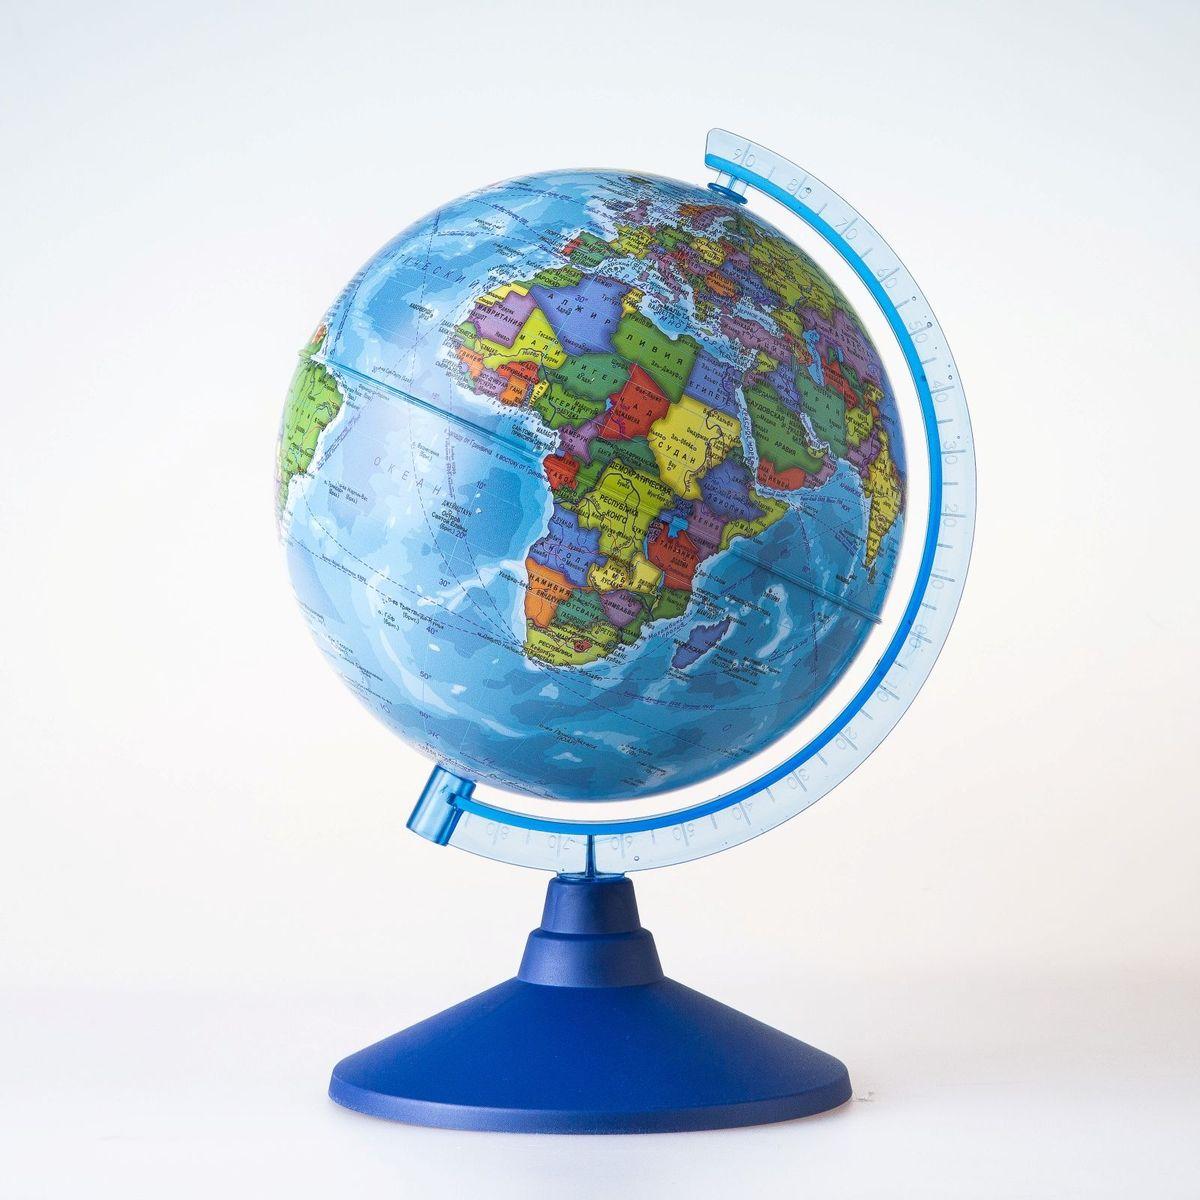 Глобен Глобус политический Классик Евро диаметр 15 см1072898Глобус для всех, глобус каждому! Глобус — самый простой способ привить ребенку любовь к географии. Он является отличным наглядным примером, который способен в игровой доступной и понятной форме объяснить понятия о планете Земля. Также интерес к глобусам проявляют не только детки, но и взрослые. Для многих уменьшенная копия планеты заменяет атлас мира из-за своей доступности и универсальности. Умный подарок! Кому принято дарить глобусы? Всем! Глобус политический диаметр 150мм Классик Евро — это уменьшенная копия земного шара, в которой каждый найдет для себя что-то свое. путешественники и заядлые туристы смогут отмечать с помощью стикеров те места, в которых побывали или собираются их посетить деловые и успешные люди оценят такой подарок по достоинству, потому что глобус ассоциируется со статусом и властью преподаватели, ученые, студенты или просто неординарные личности также найдут для глобуса достойное место в своем доме. Итак, спешите...